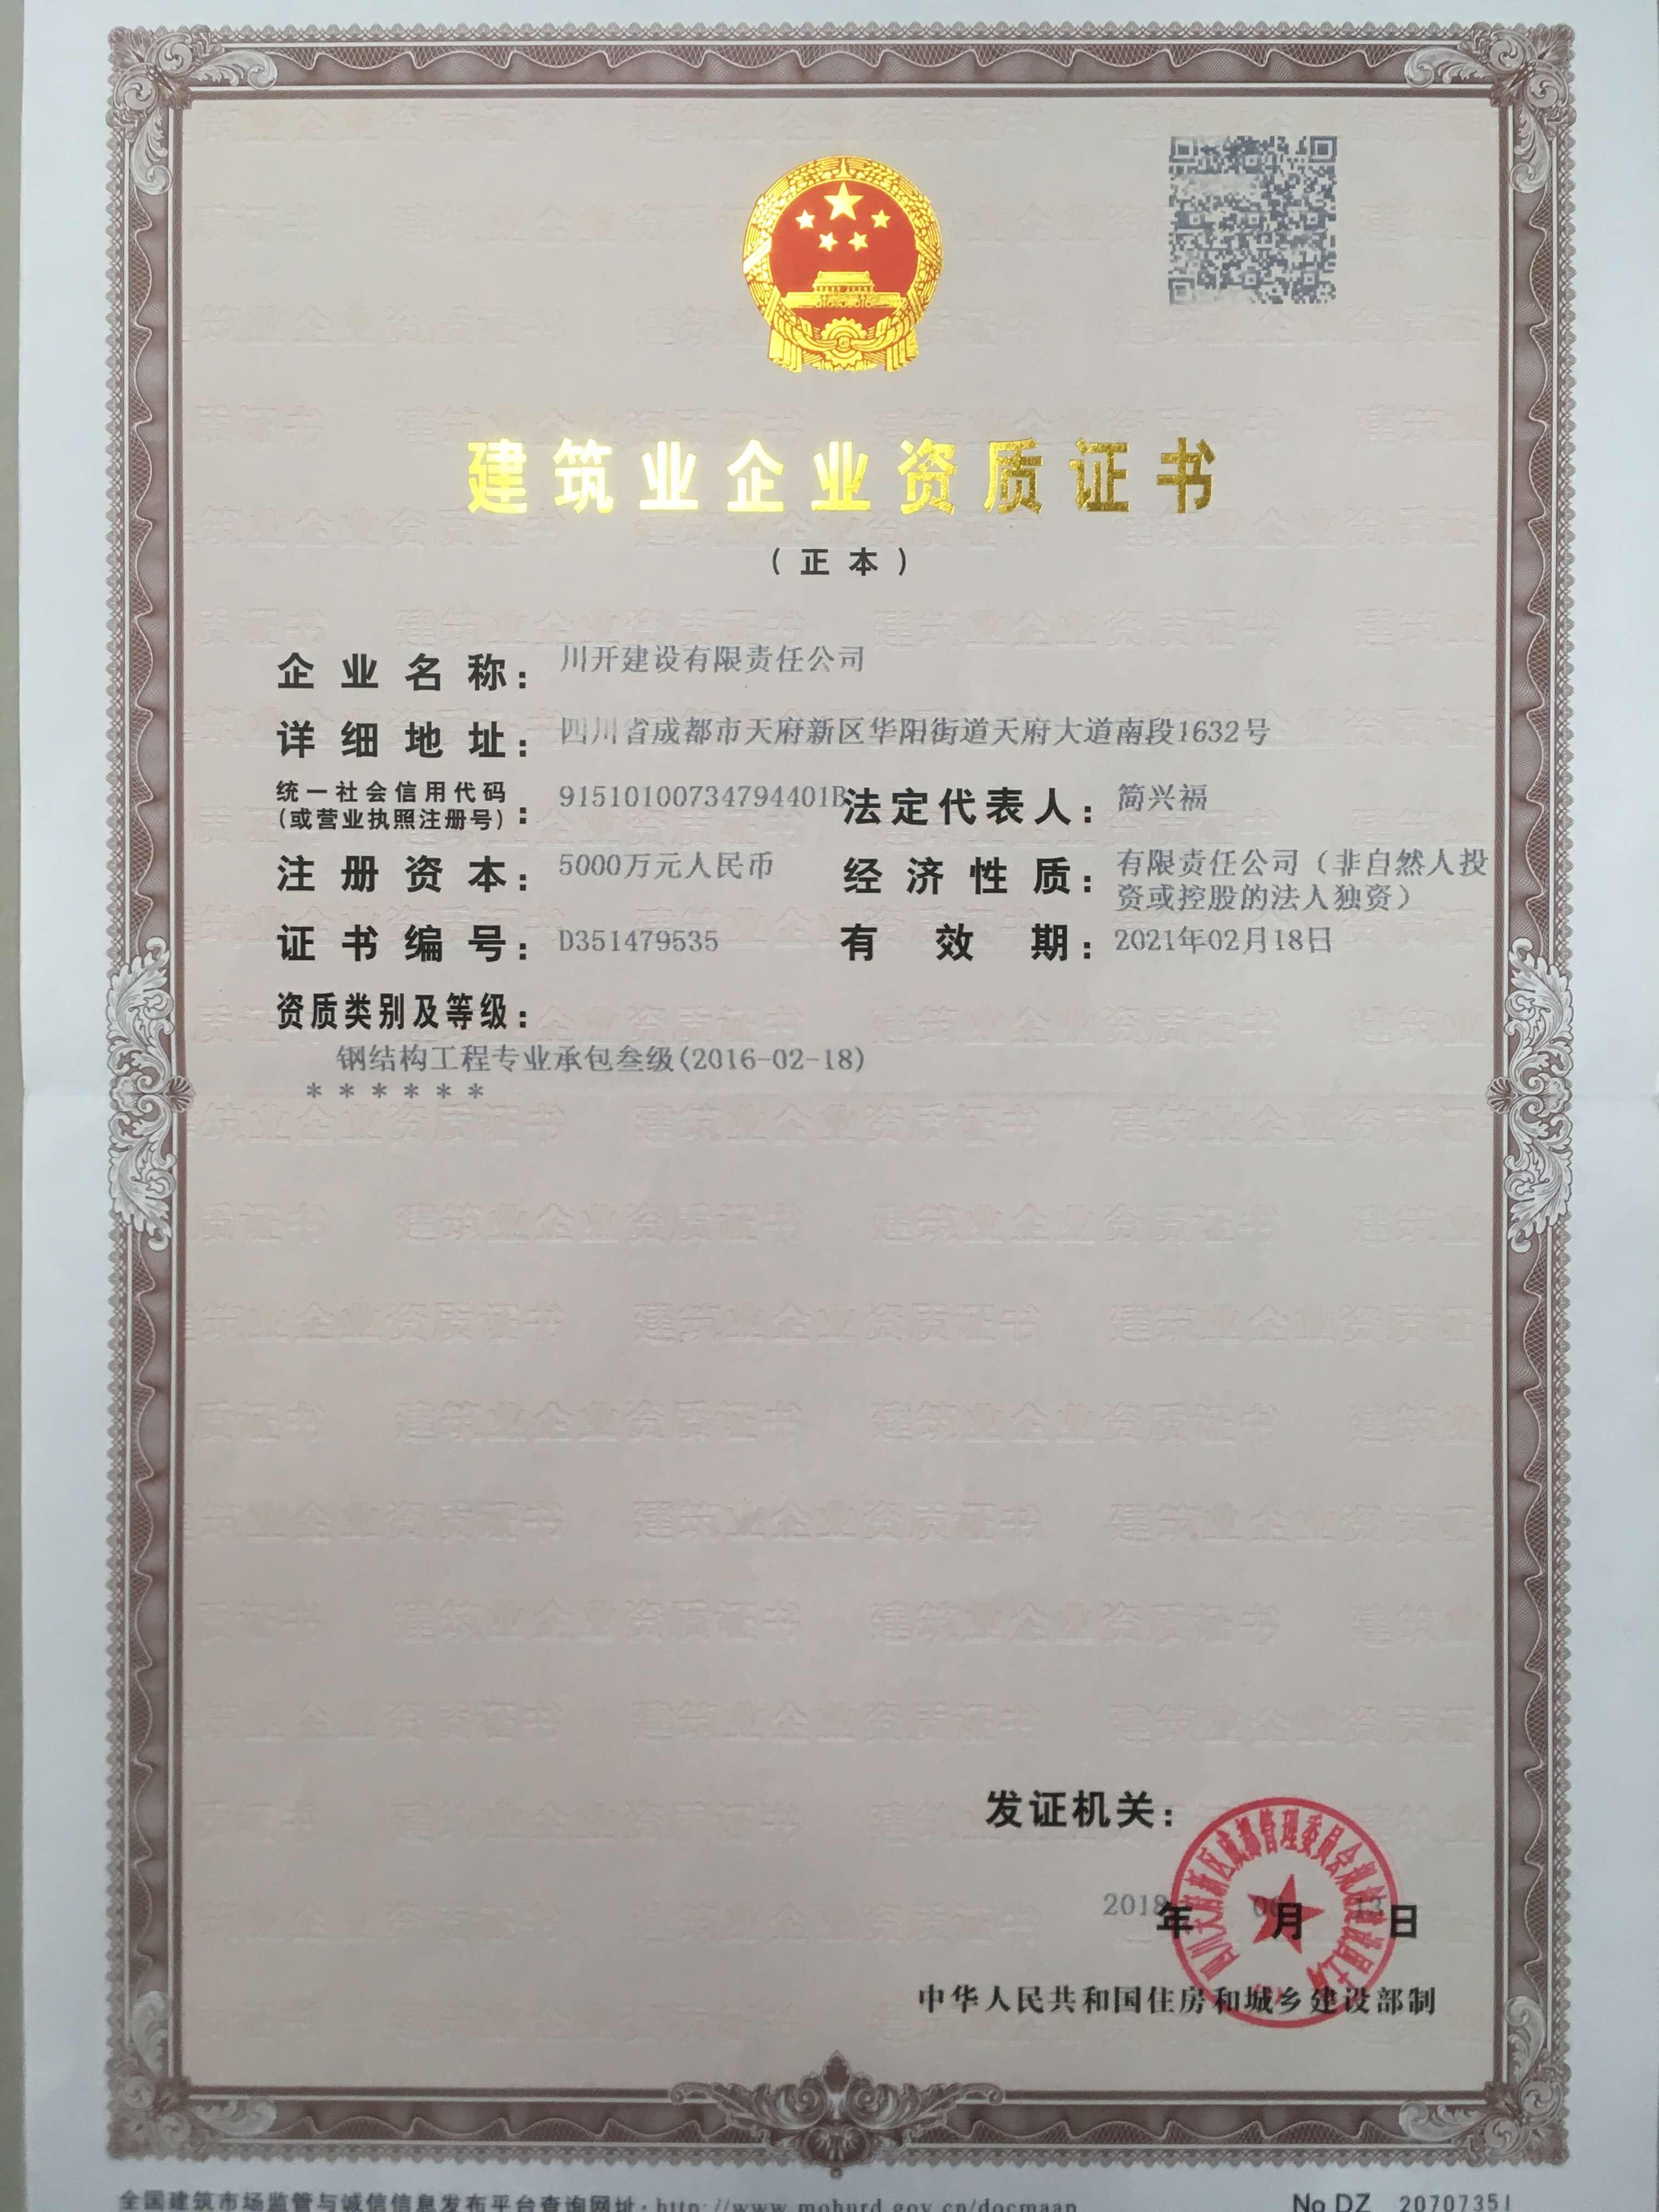 建築企業資曆證書